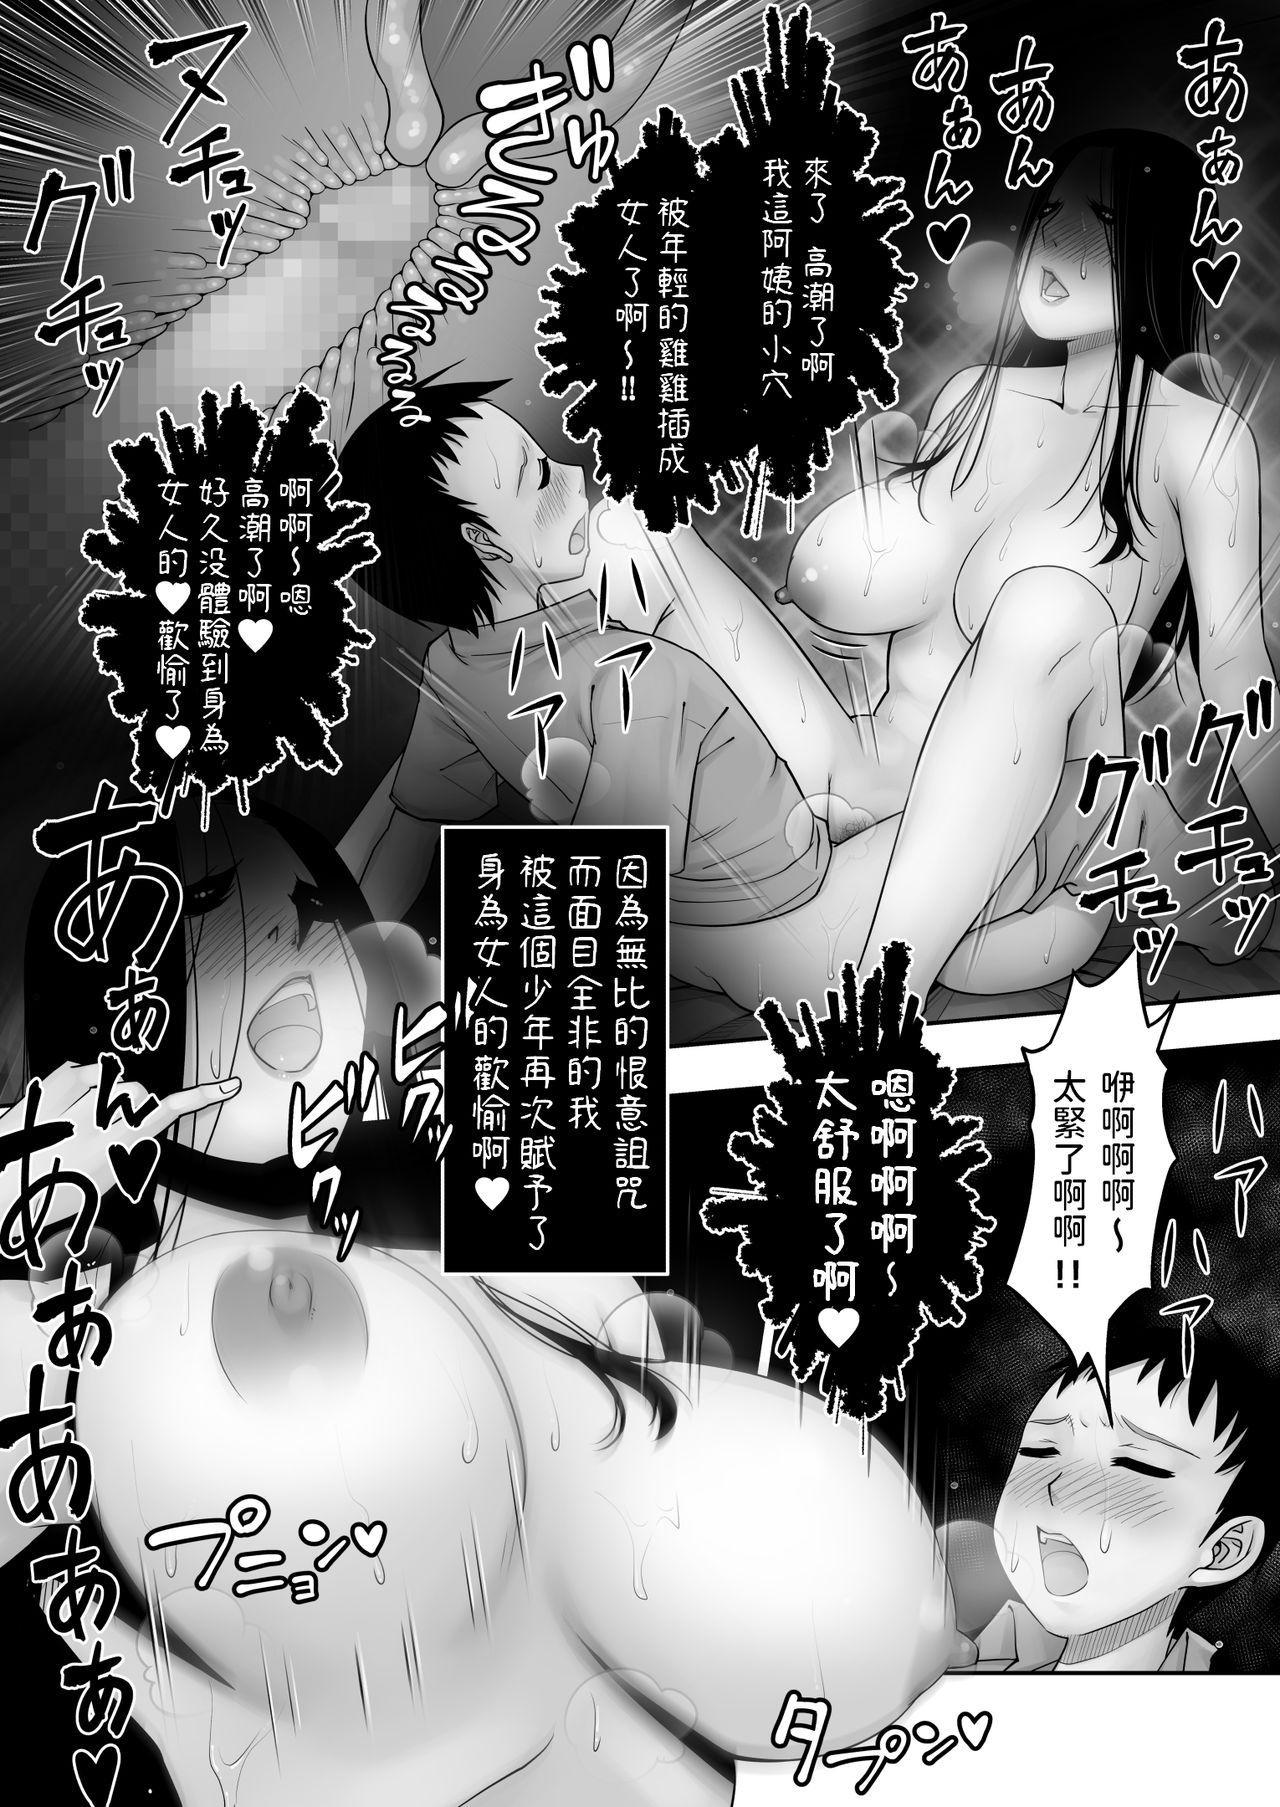 Doutei ga Heya ni Toritsuite Iru Onna Yuurei ni Gyaku Kanashibari o Kaketa Kekka 36